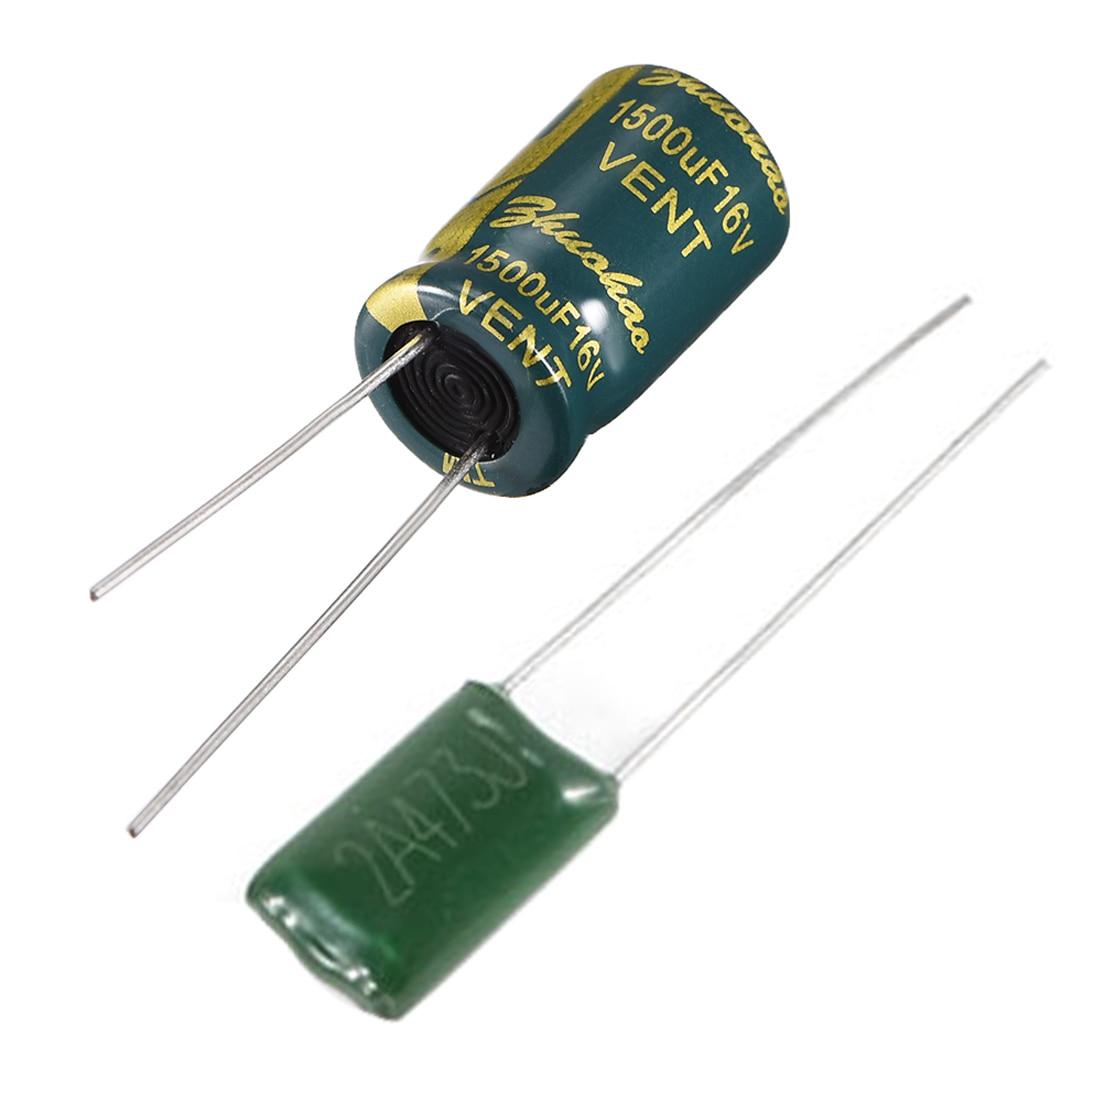 10pcs 2.2uF 63V SAMWHA SD 5x11mm 63V2.2uF Electrolytic Capacitor